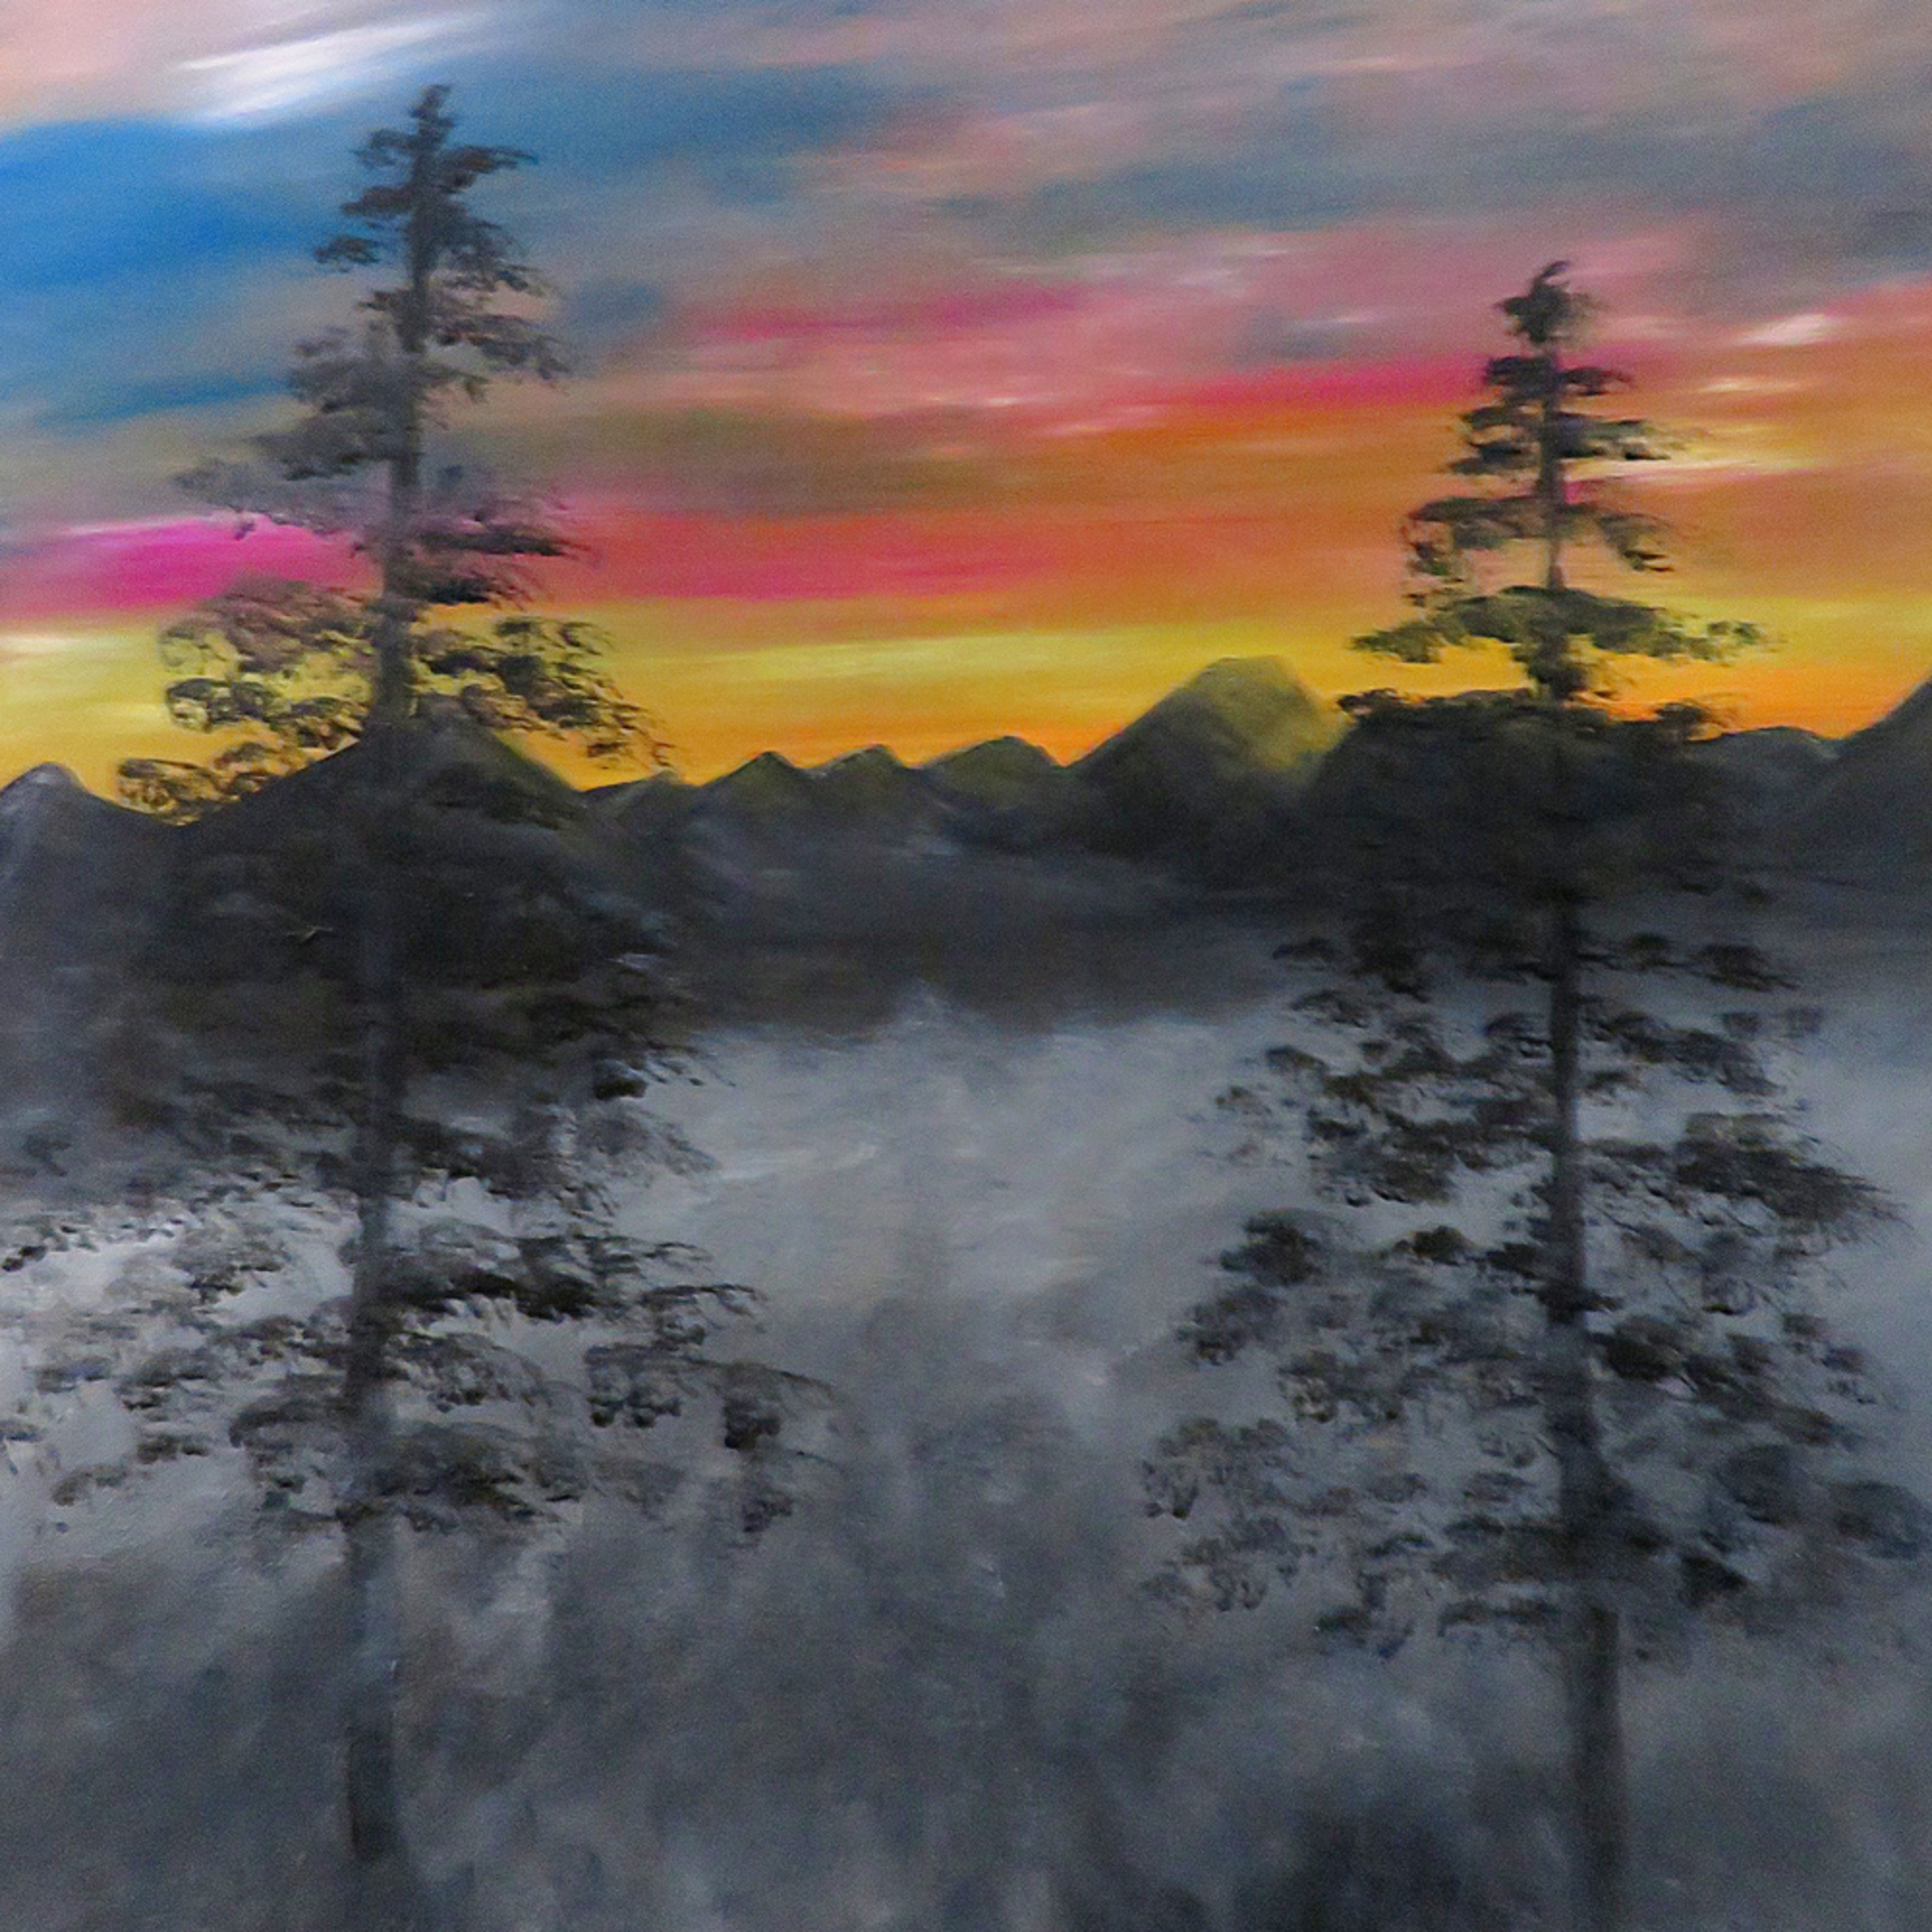 Foggy sunrise inpixio mbqevx